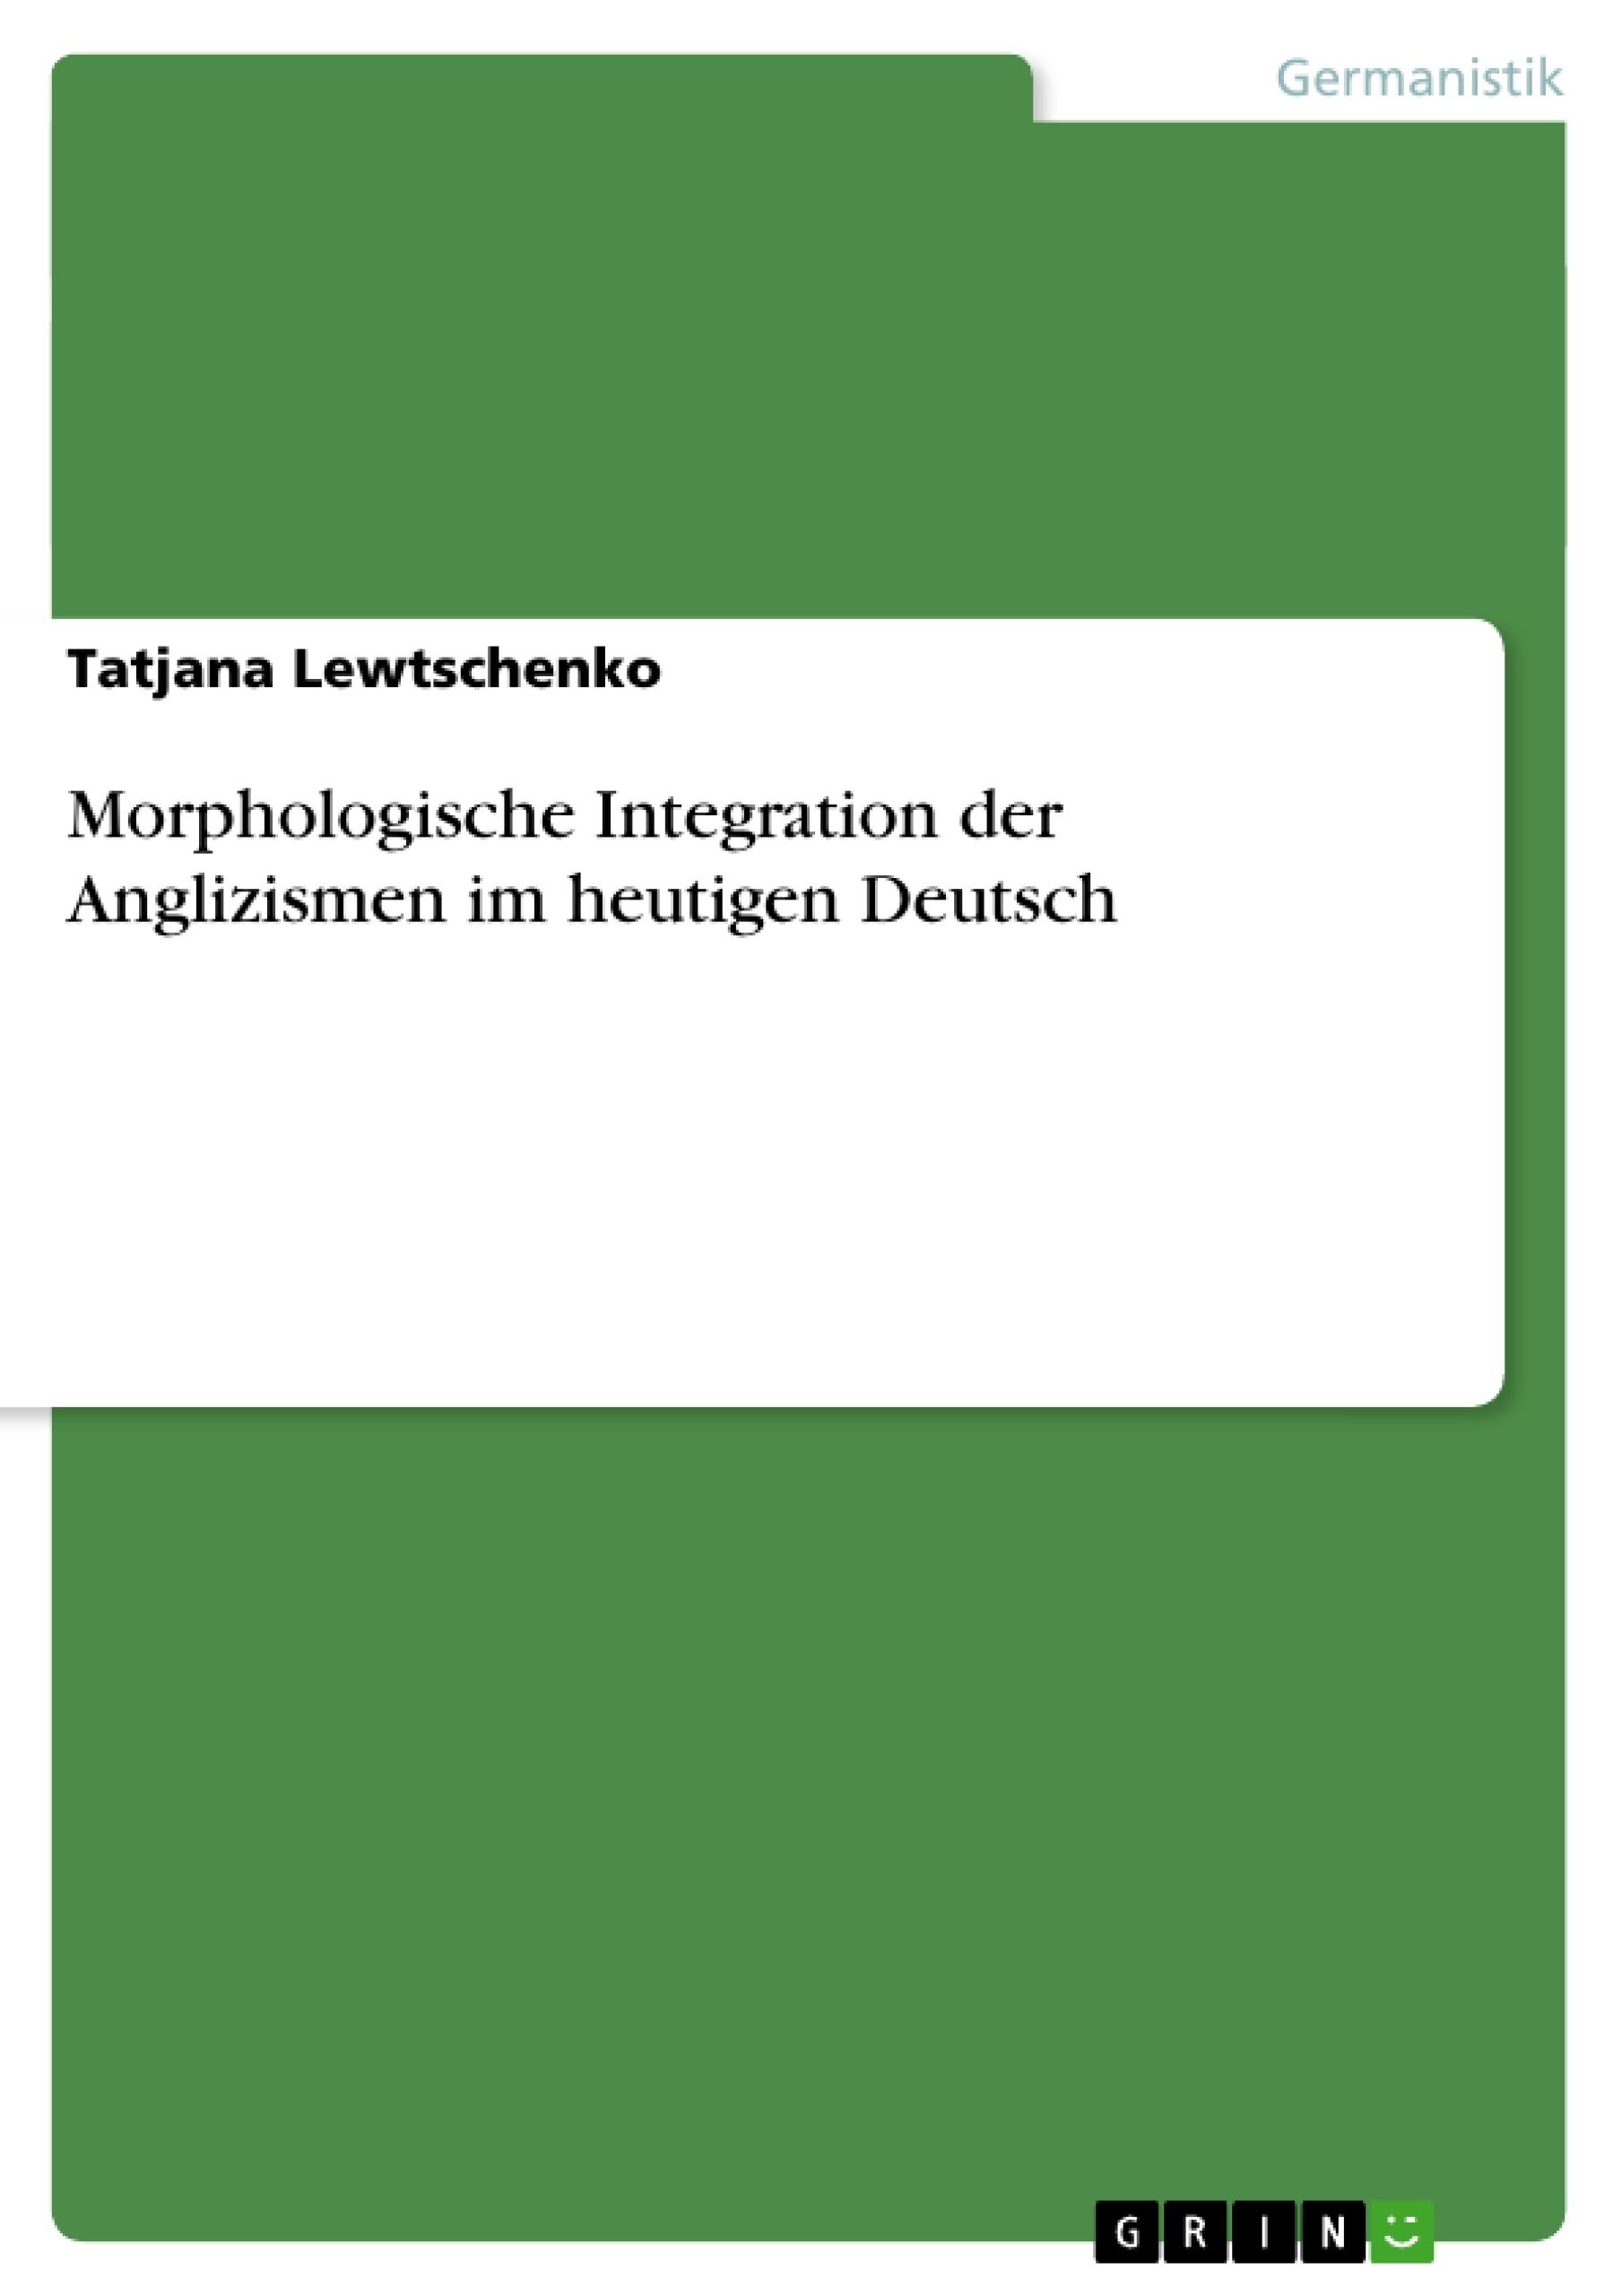 Titel: Morphologische Integration der Anglizismen im heutigen Deutsch